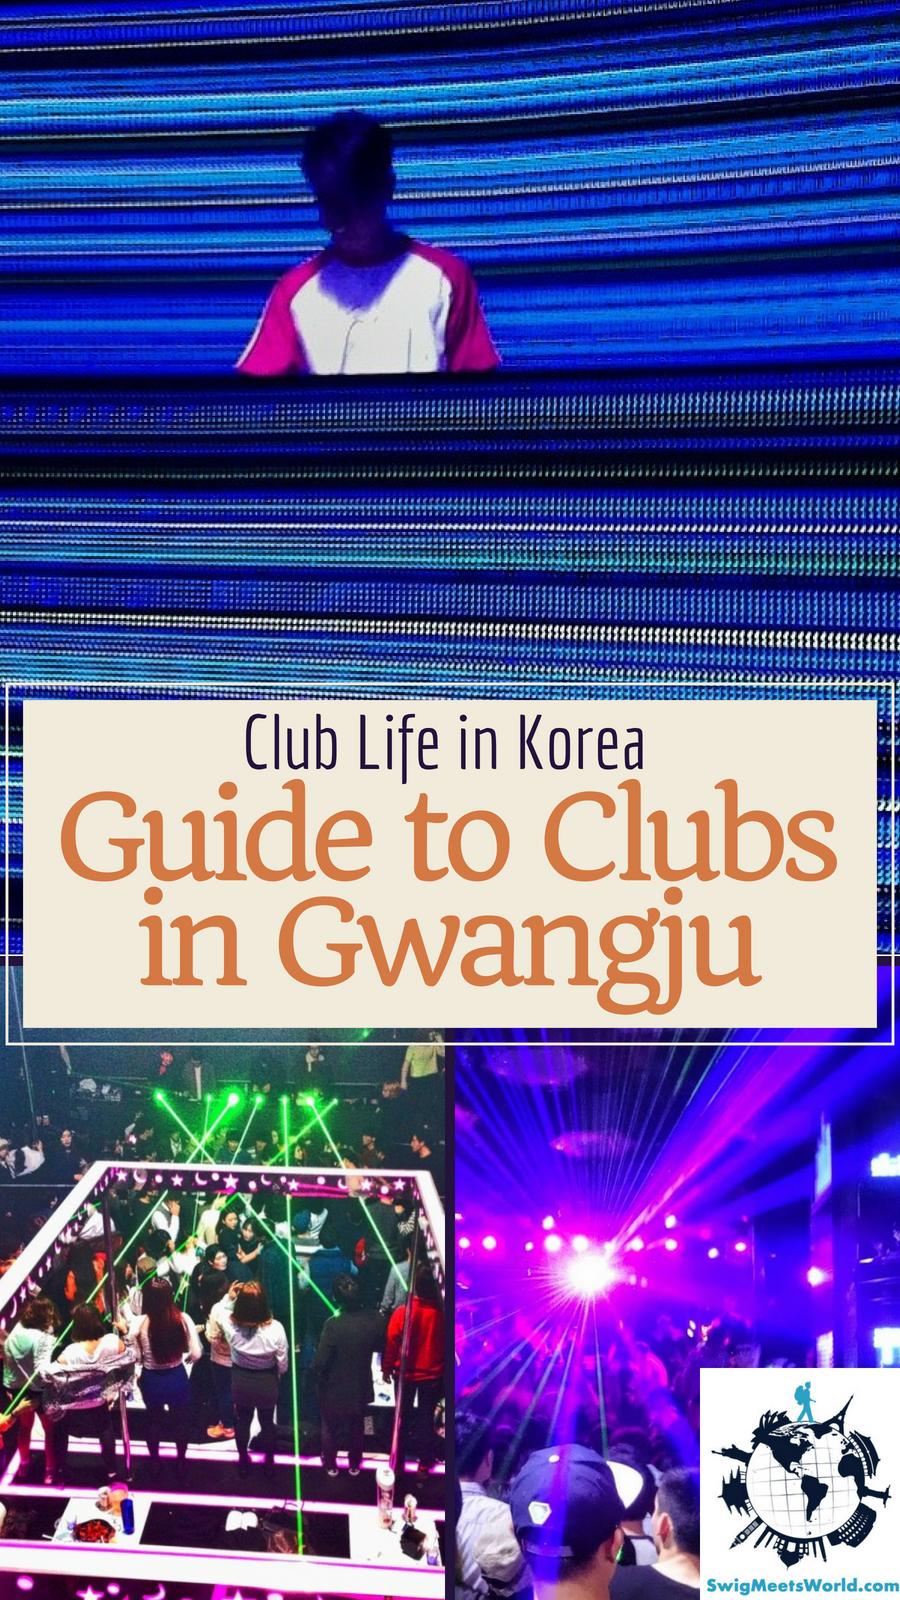 Club life walkthrough